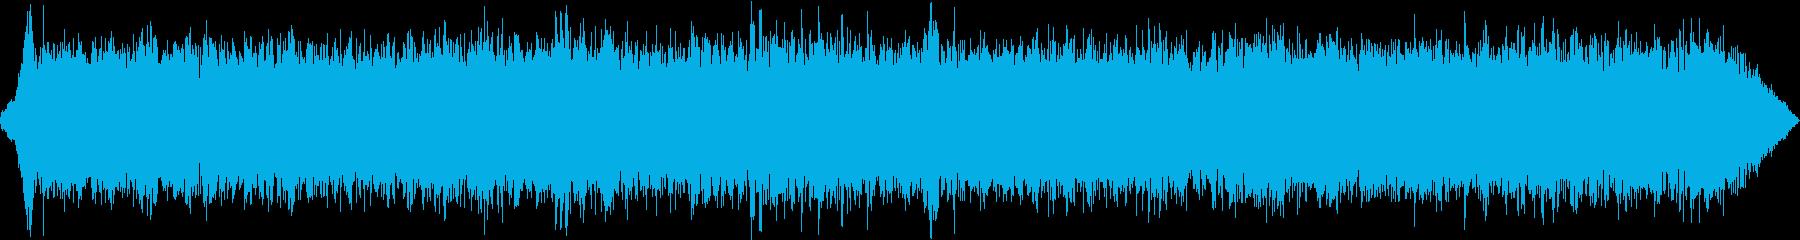 【ゲーム】 シーン 05 雑踏の再生済みの波形